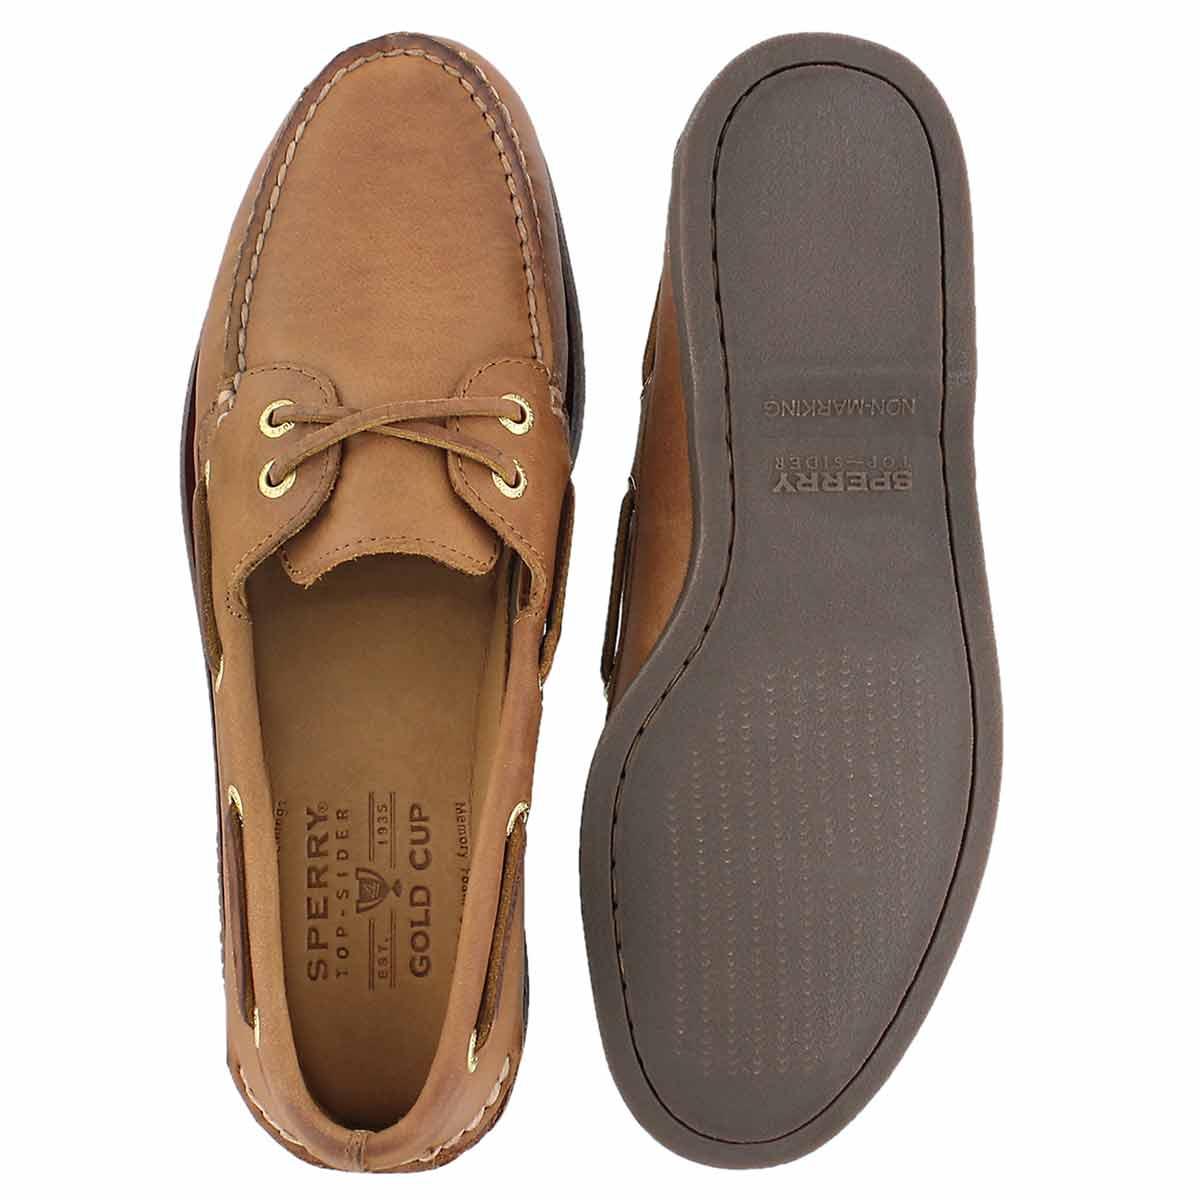 Mns Gold A/O 2-Eye tan boat shoe